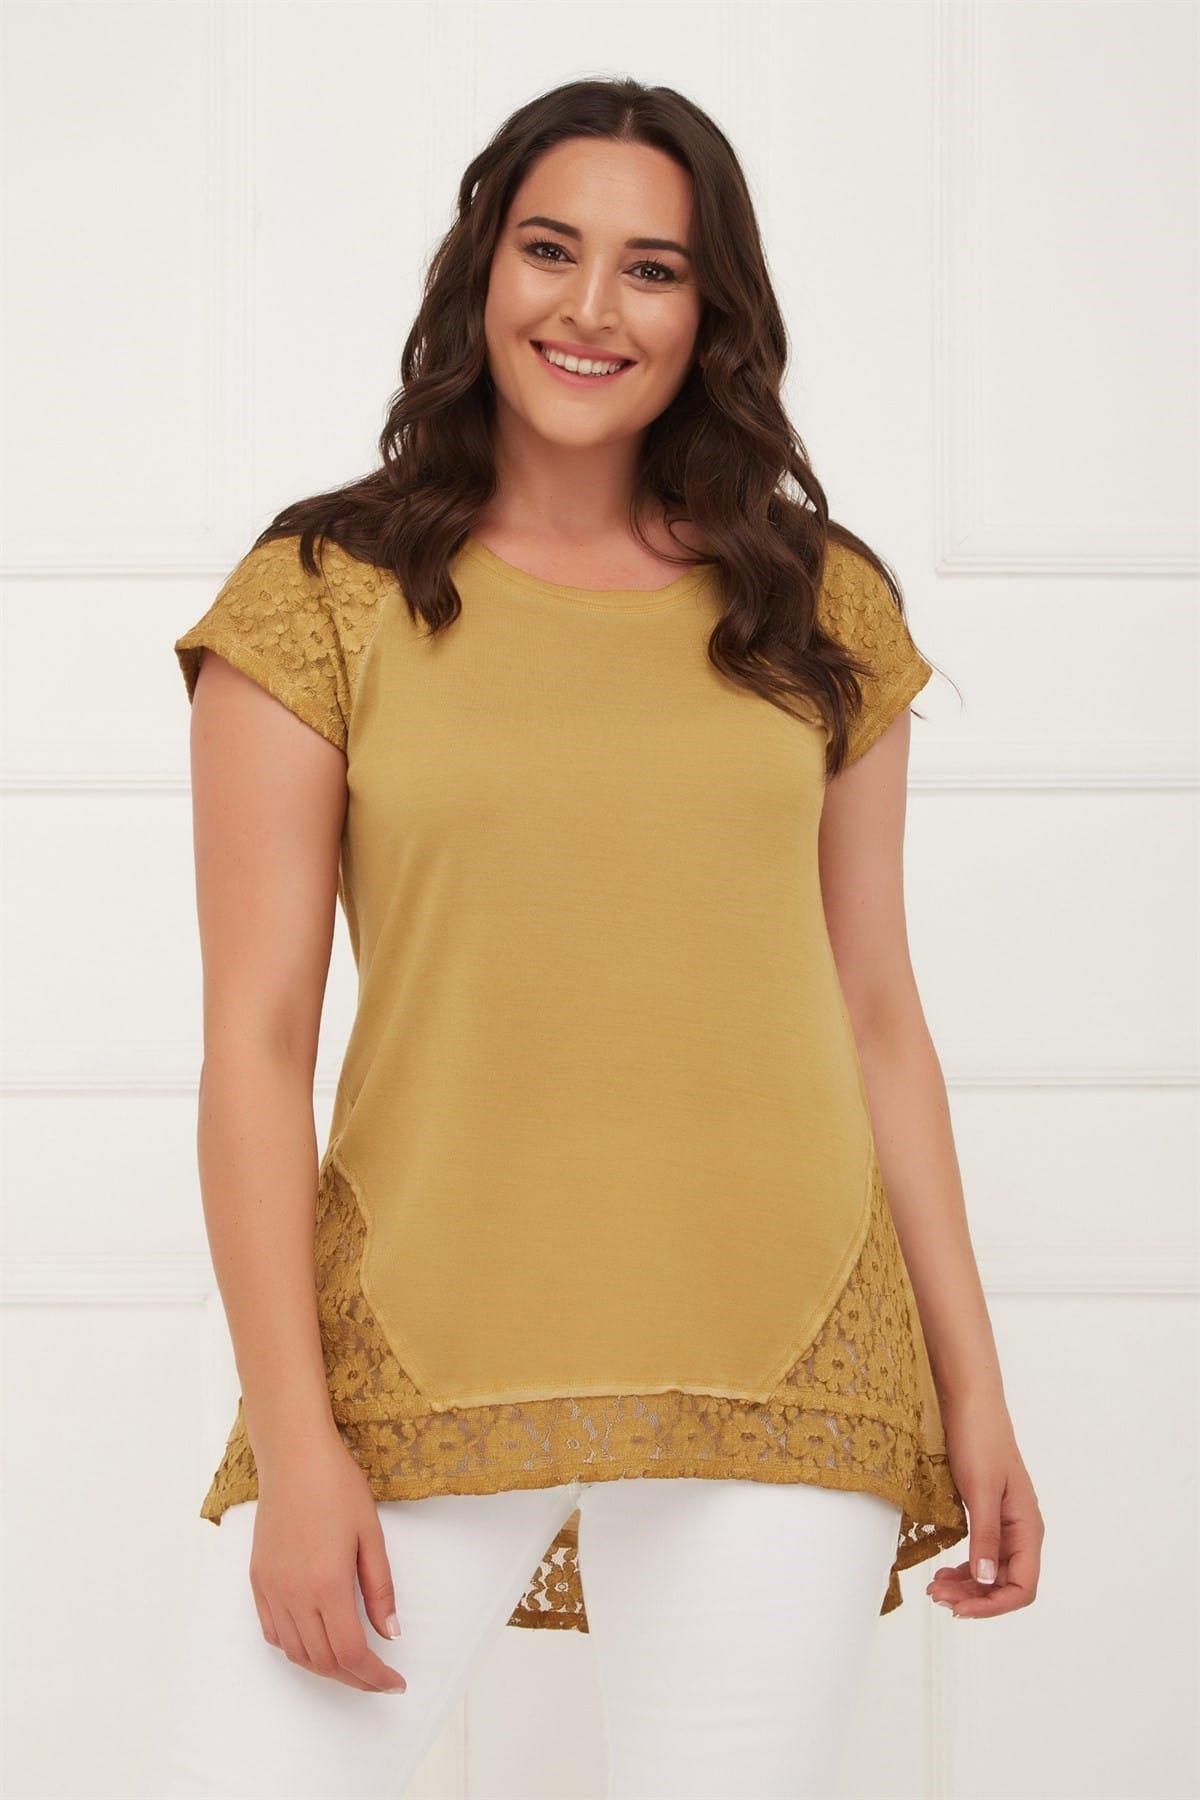 Seamoda Kadın Hardal Kolu Eteği Dantelli Yağ Yıkam Bluz PRA-429793-336415 1